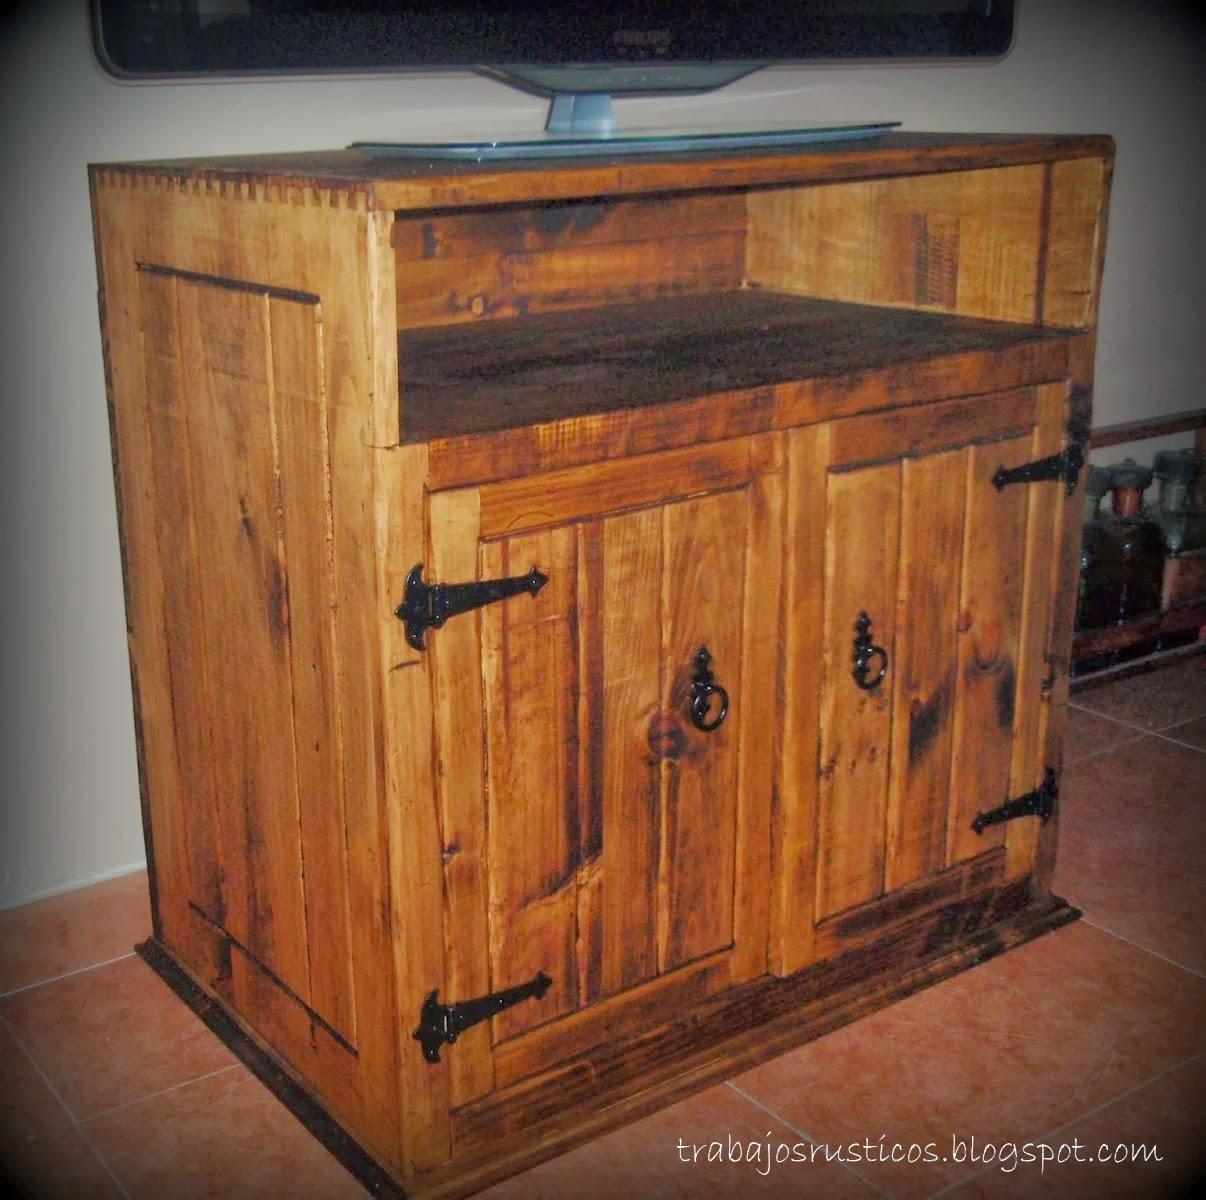 Trabajos r sticos mueble r stico televisi n - Mueble recibidor rustico ...